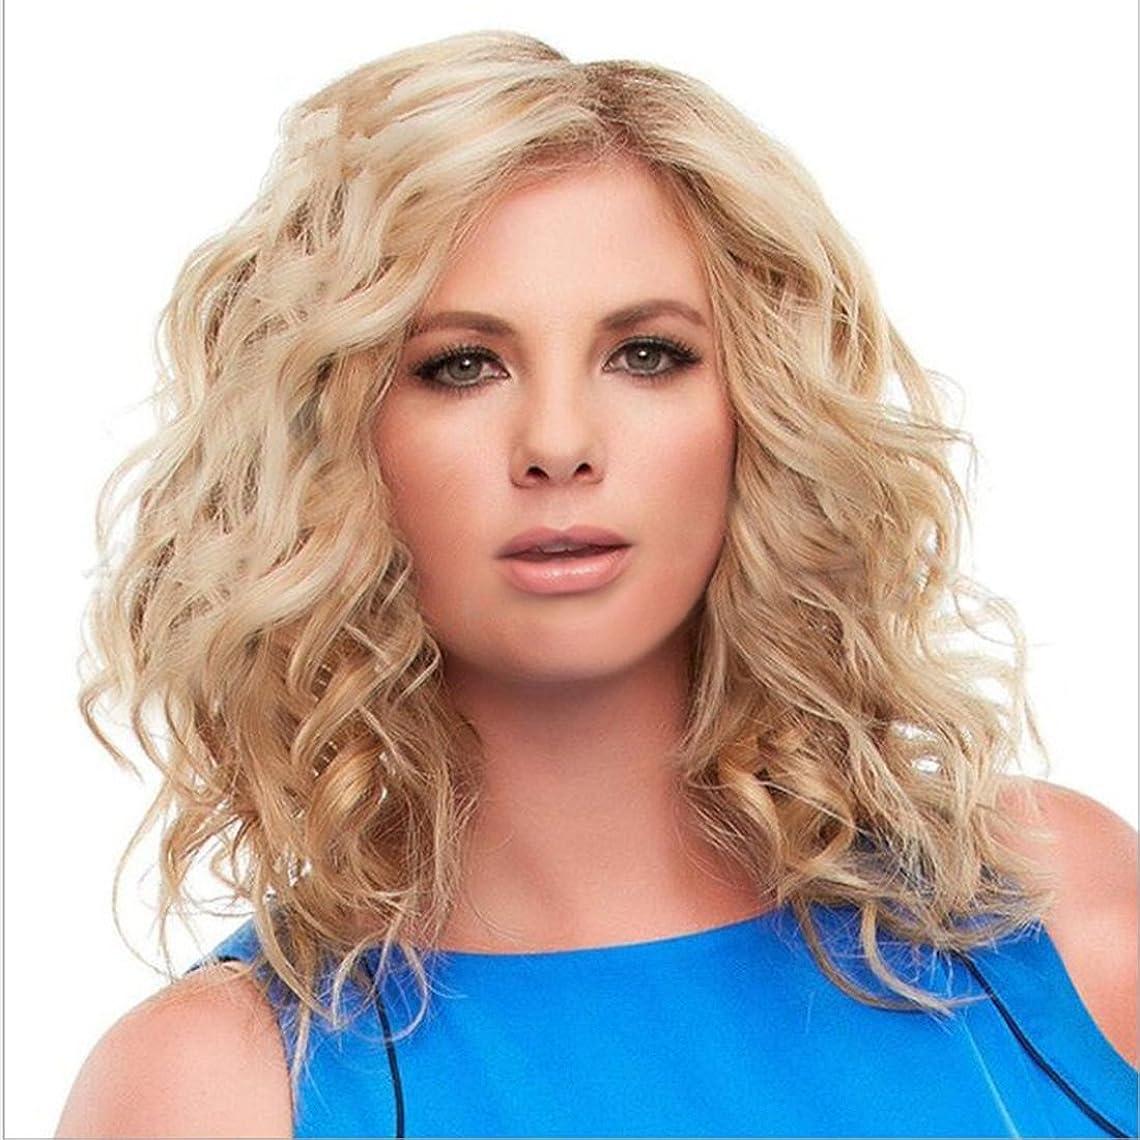 数インストール我慢するKoloeplf 化学繊維女性のウィッグ若々しい女性のための長いカーリーナチュラルカラーウィッグミドルバンズ毛の耐熱ウィッグ長さ65cm (Color : 金色)